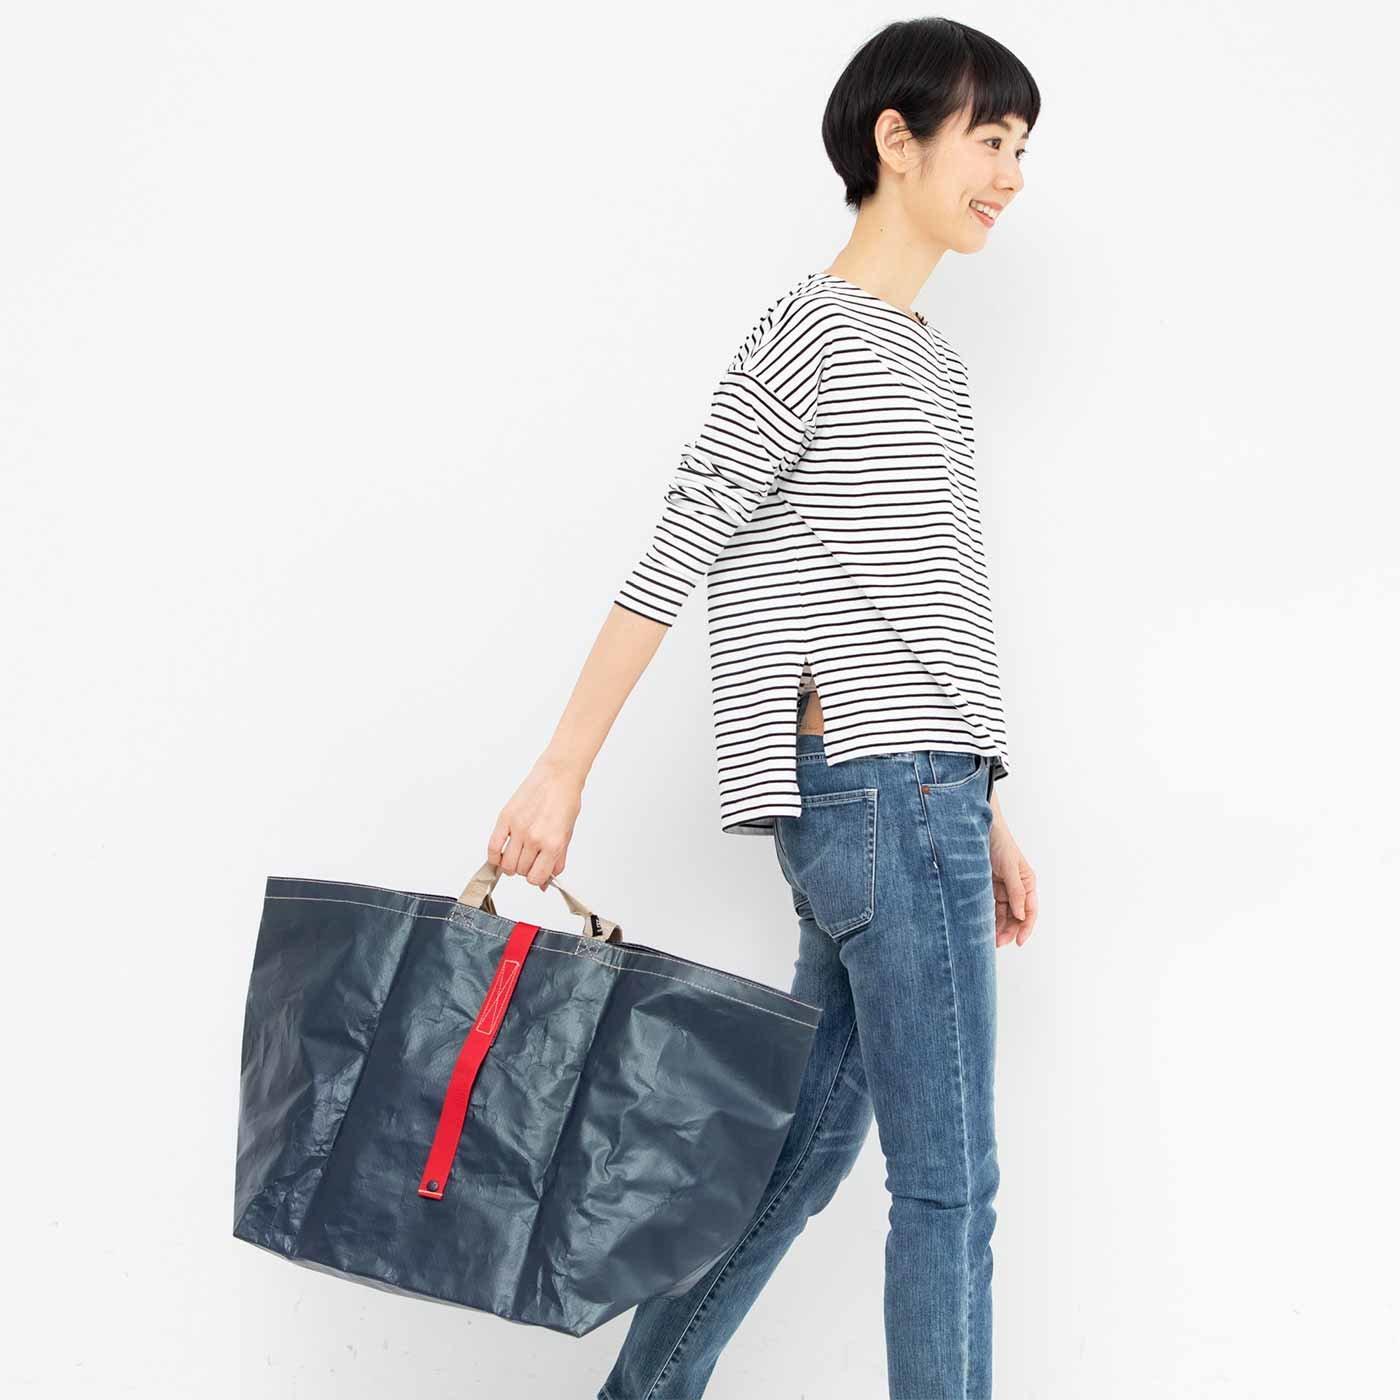 日常からアウトドア使いまでOK 万能ポリエチレントートバッグ〈ネイビー〉